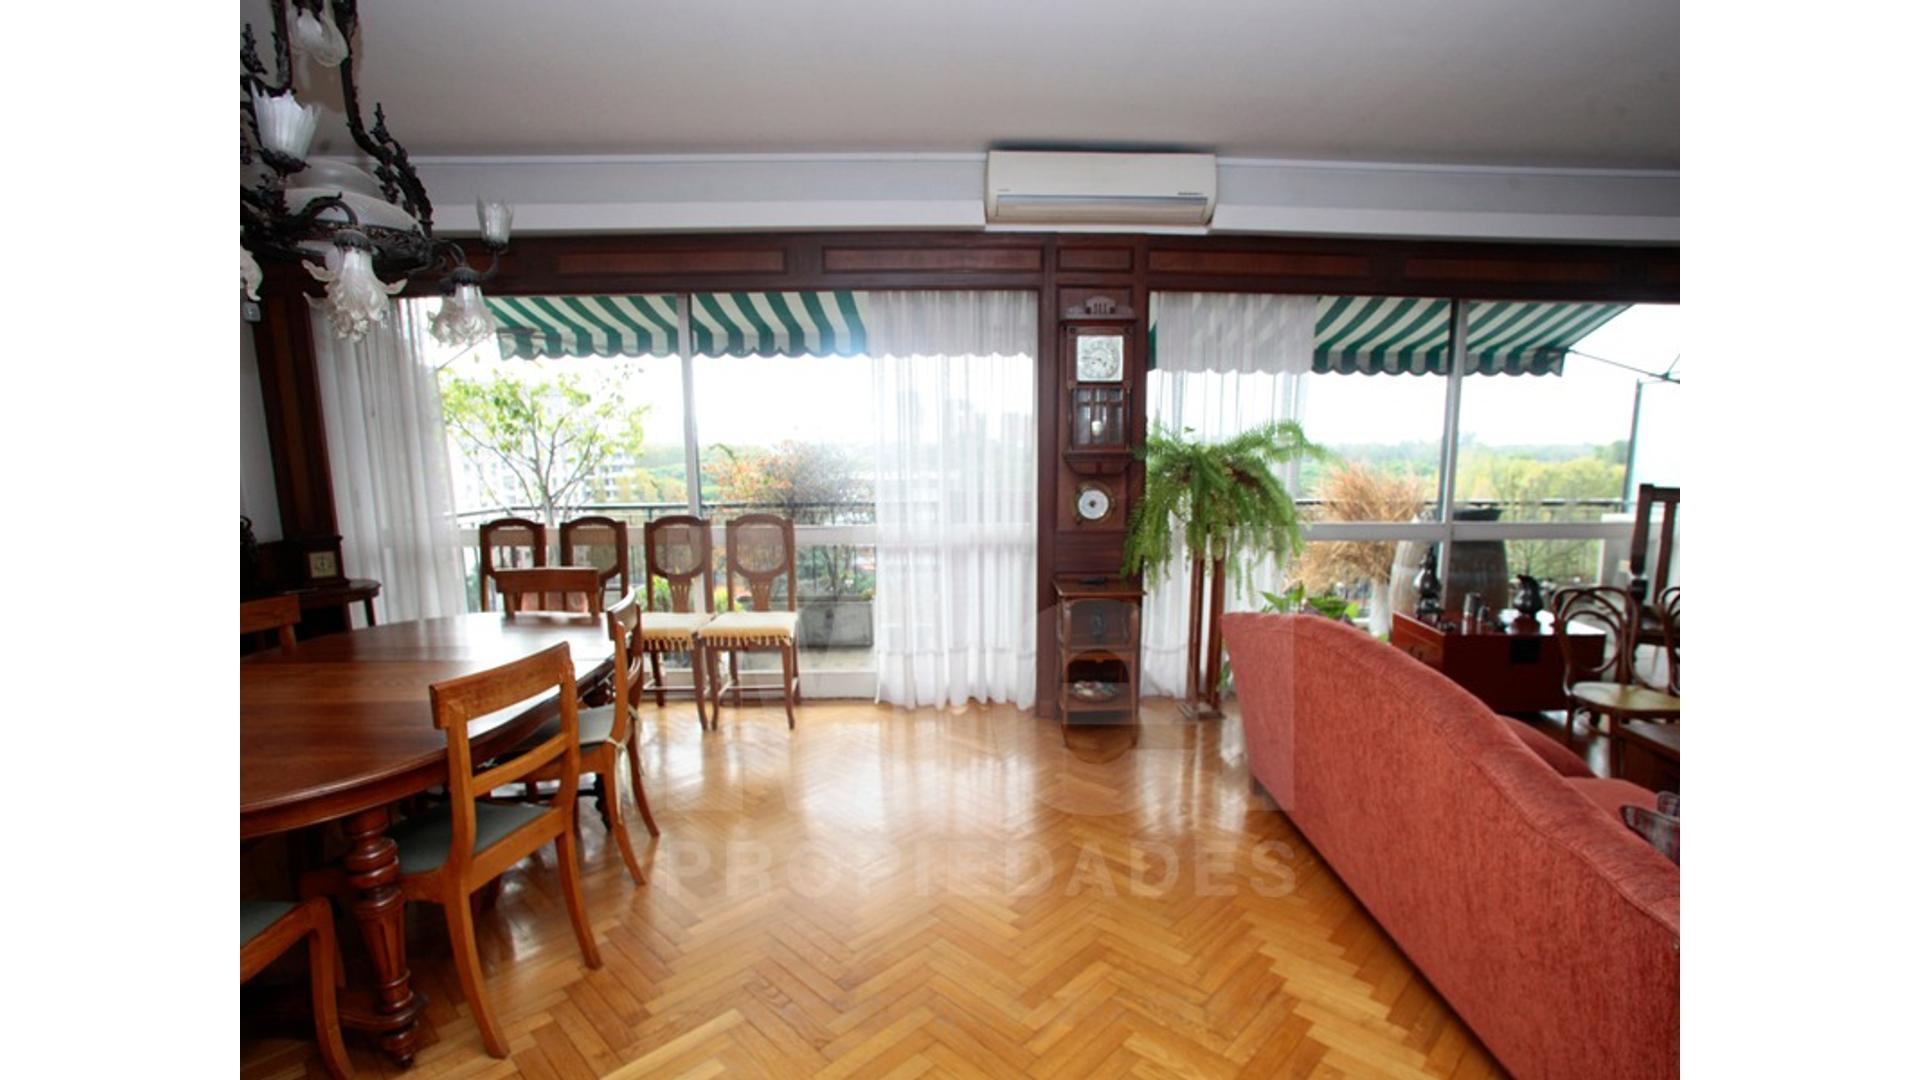 Departamento - 177 m² | 3 dormitorios | 50 años